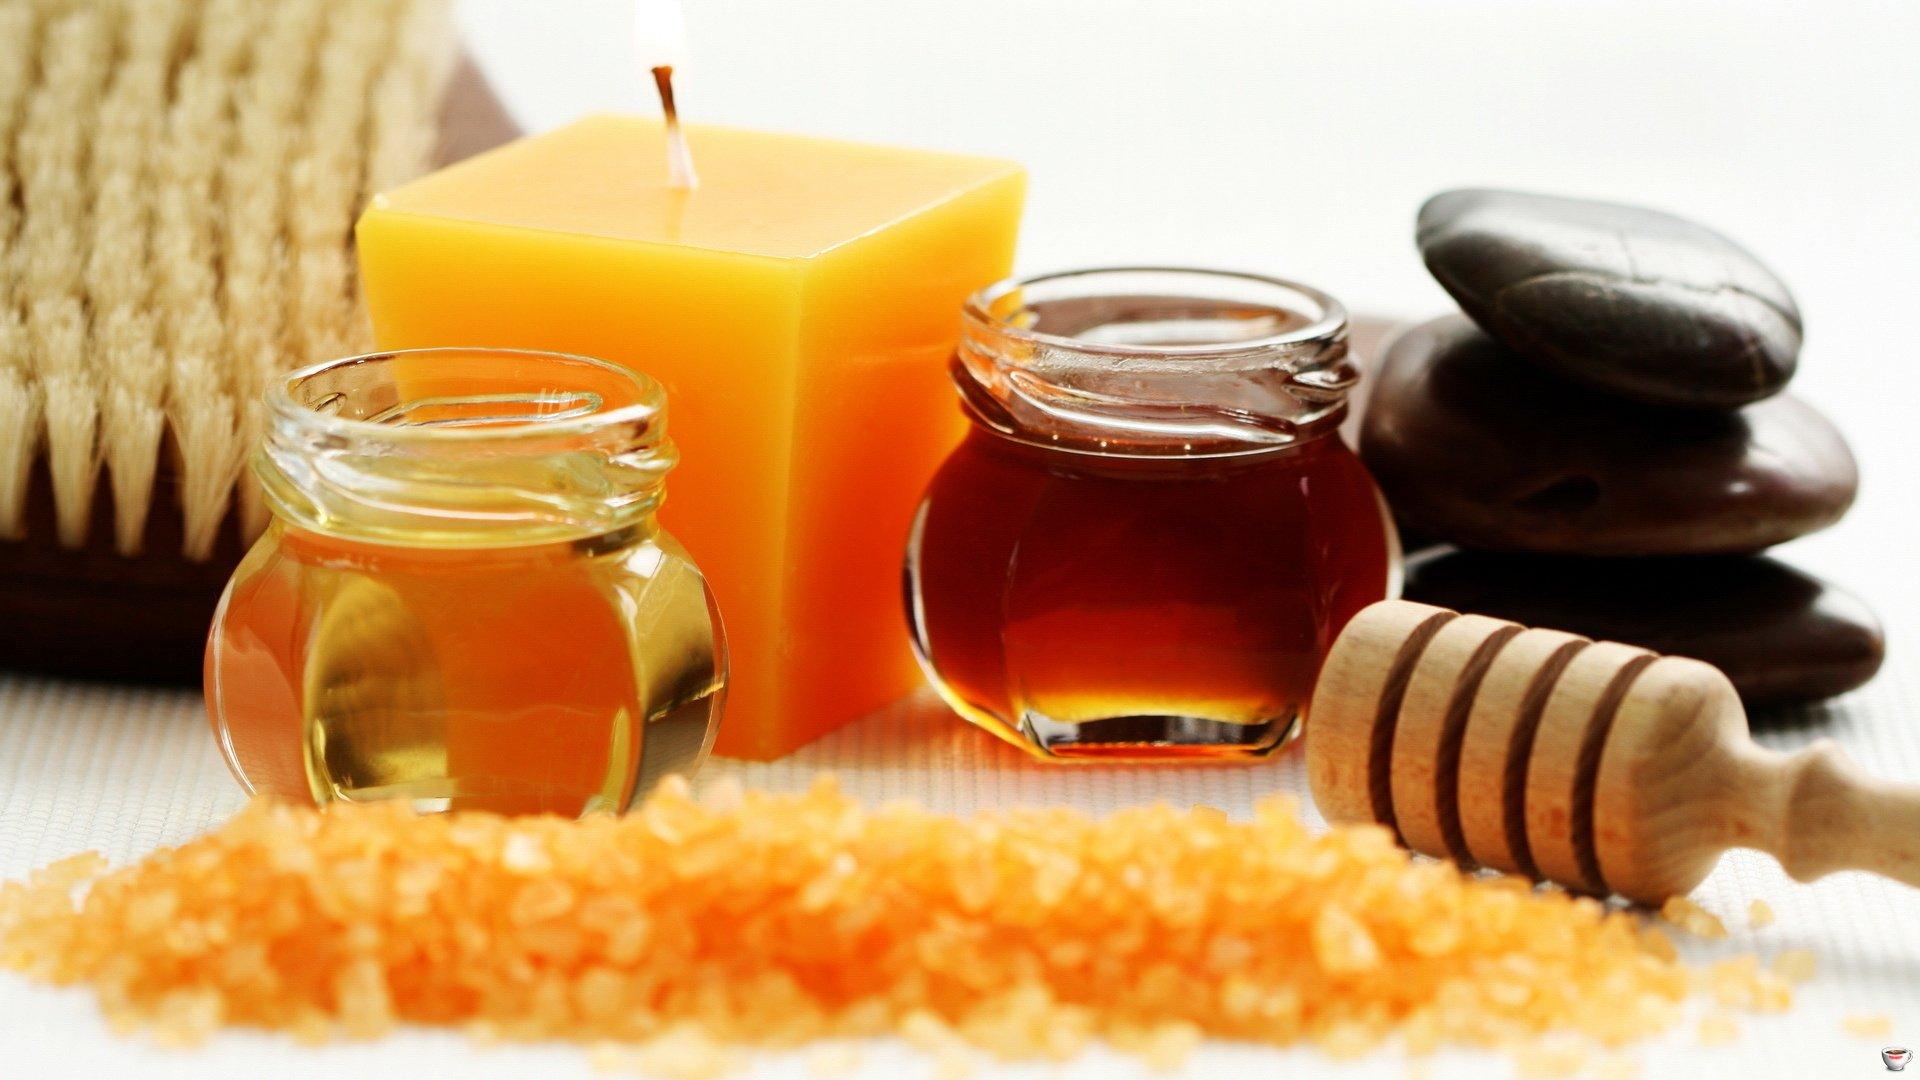 Применение меда в лечебных целях